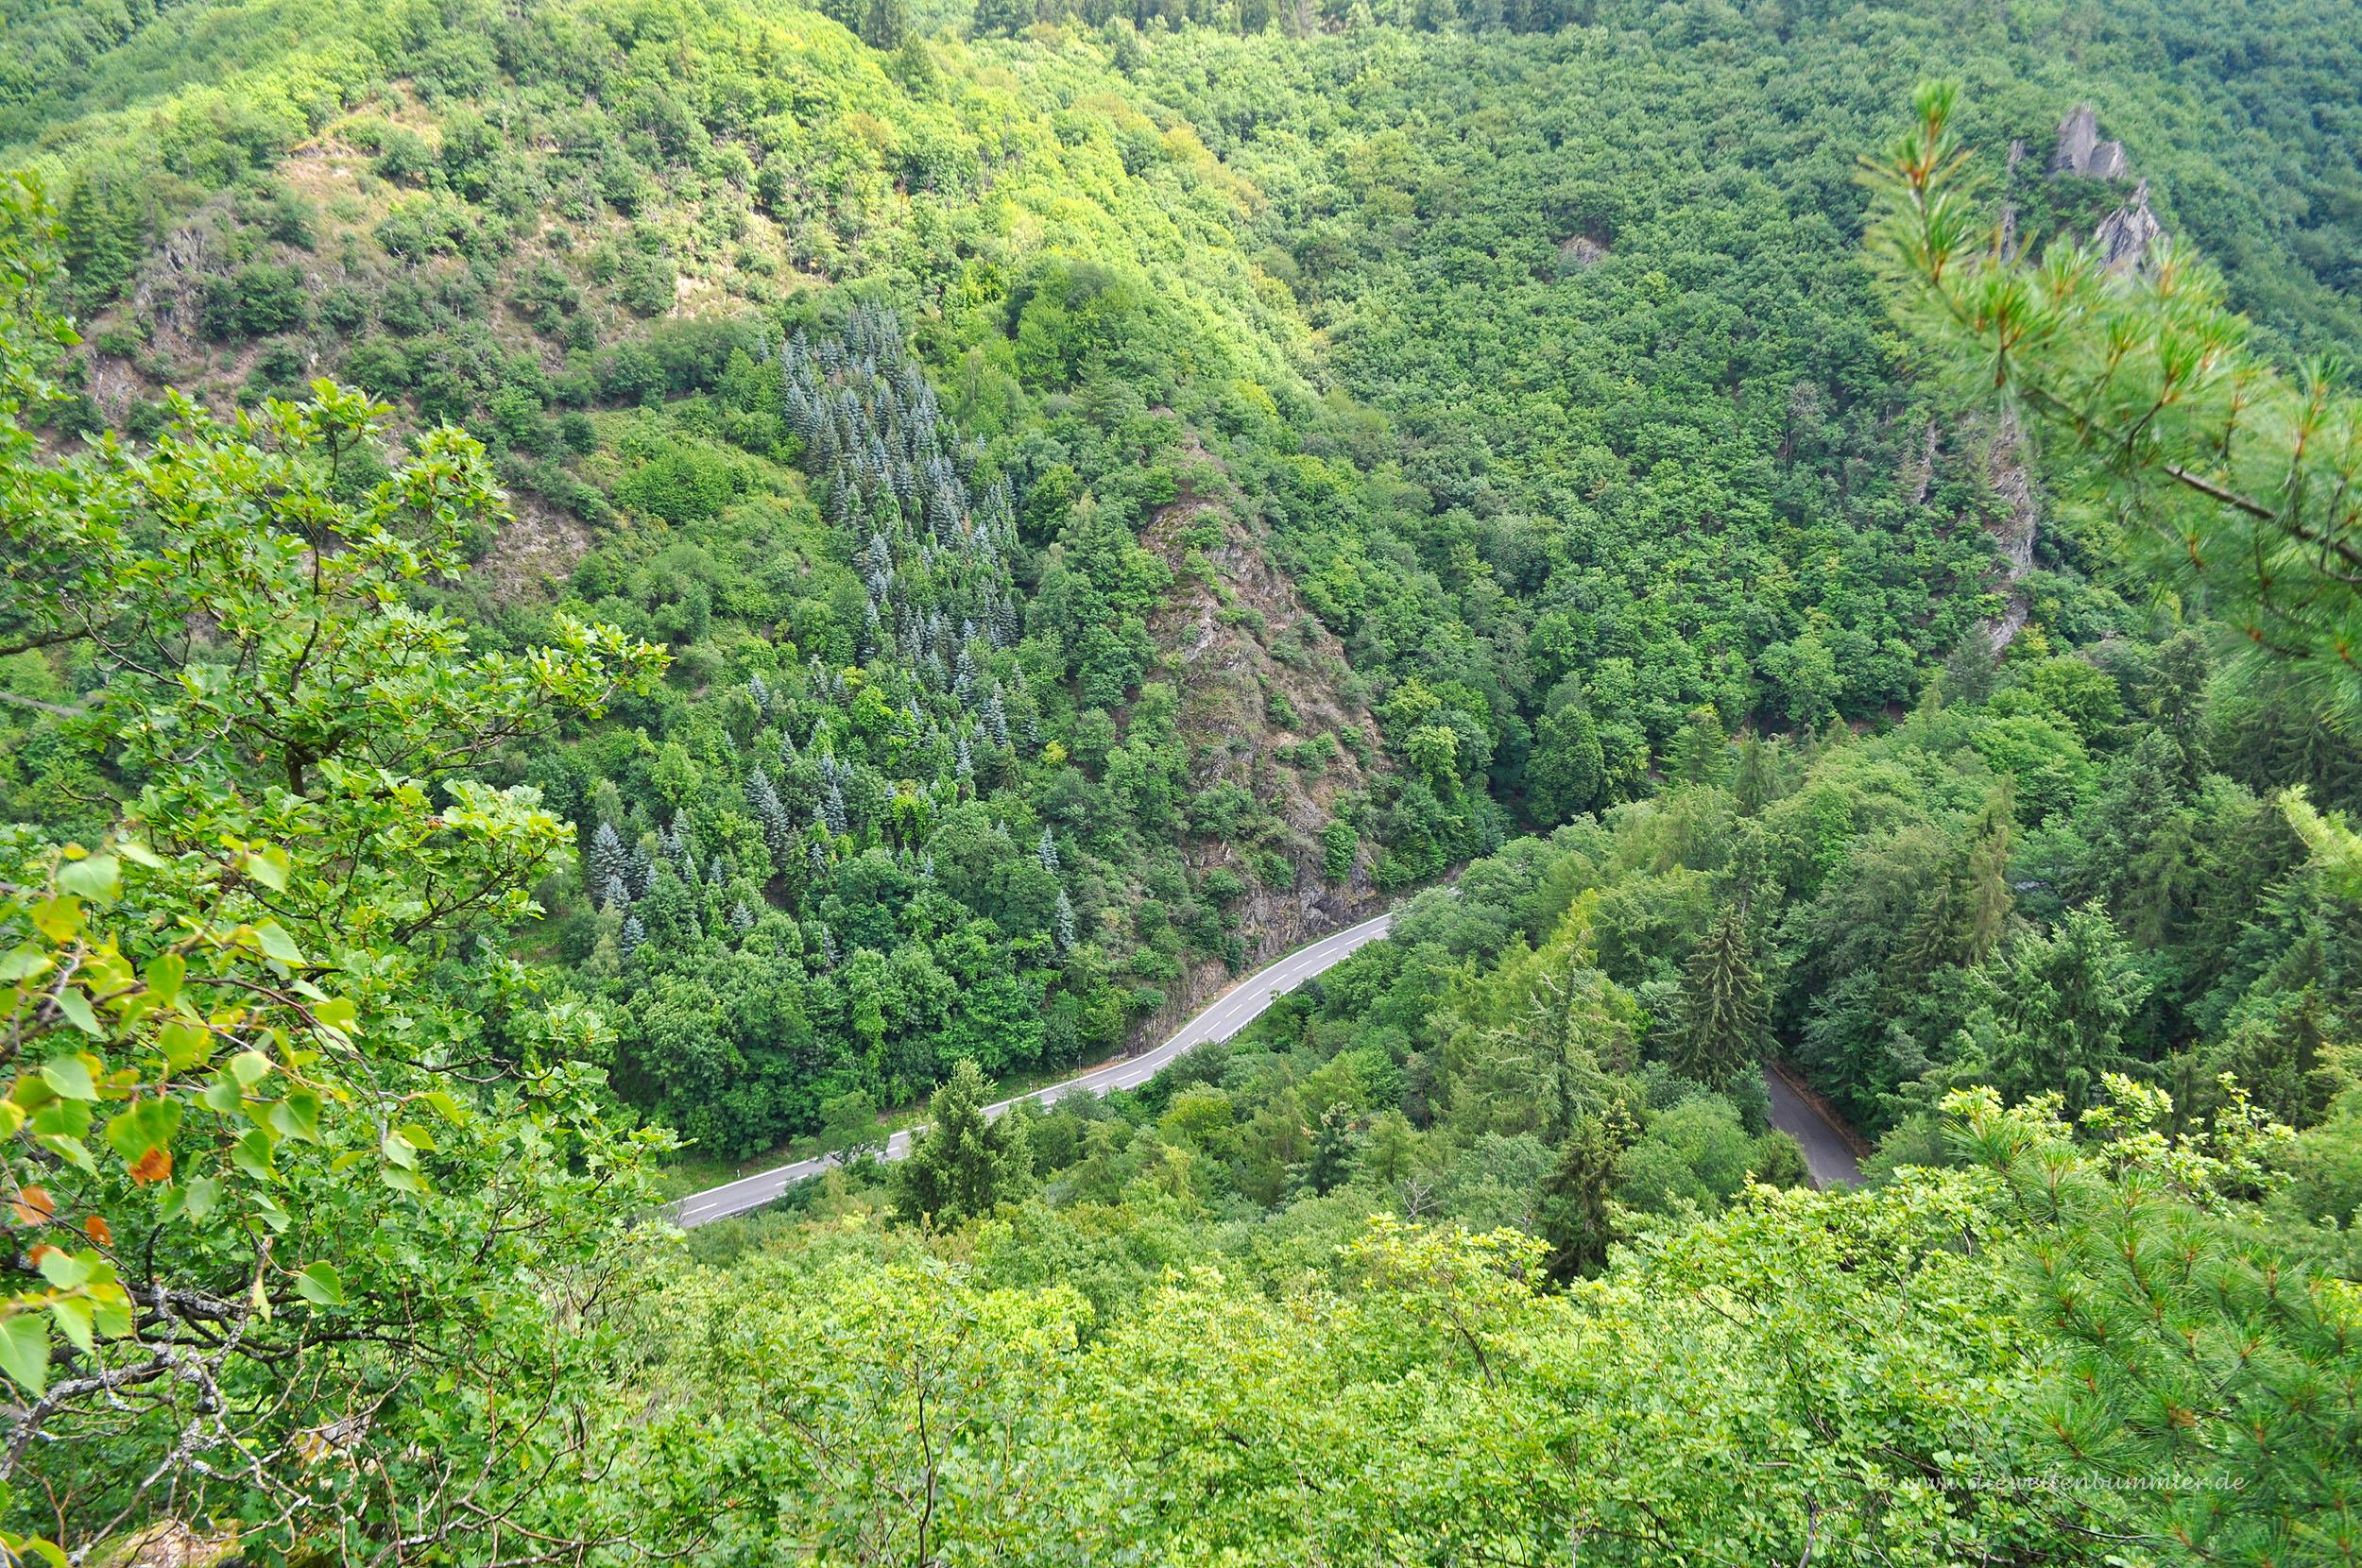 Einsame Straße in grüner Umgebung